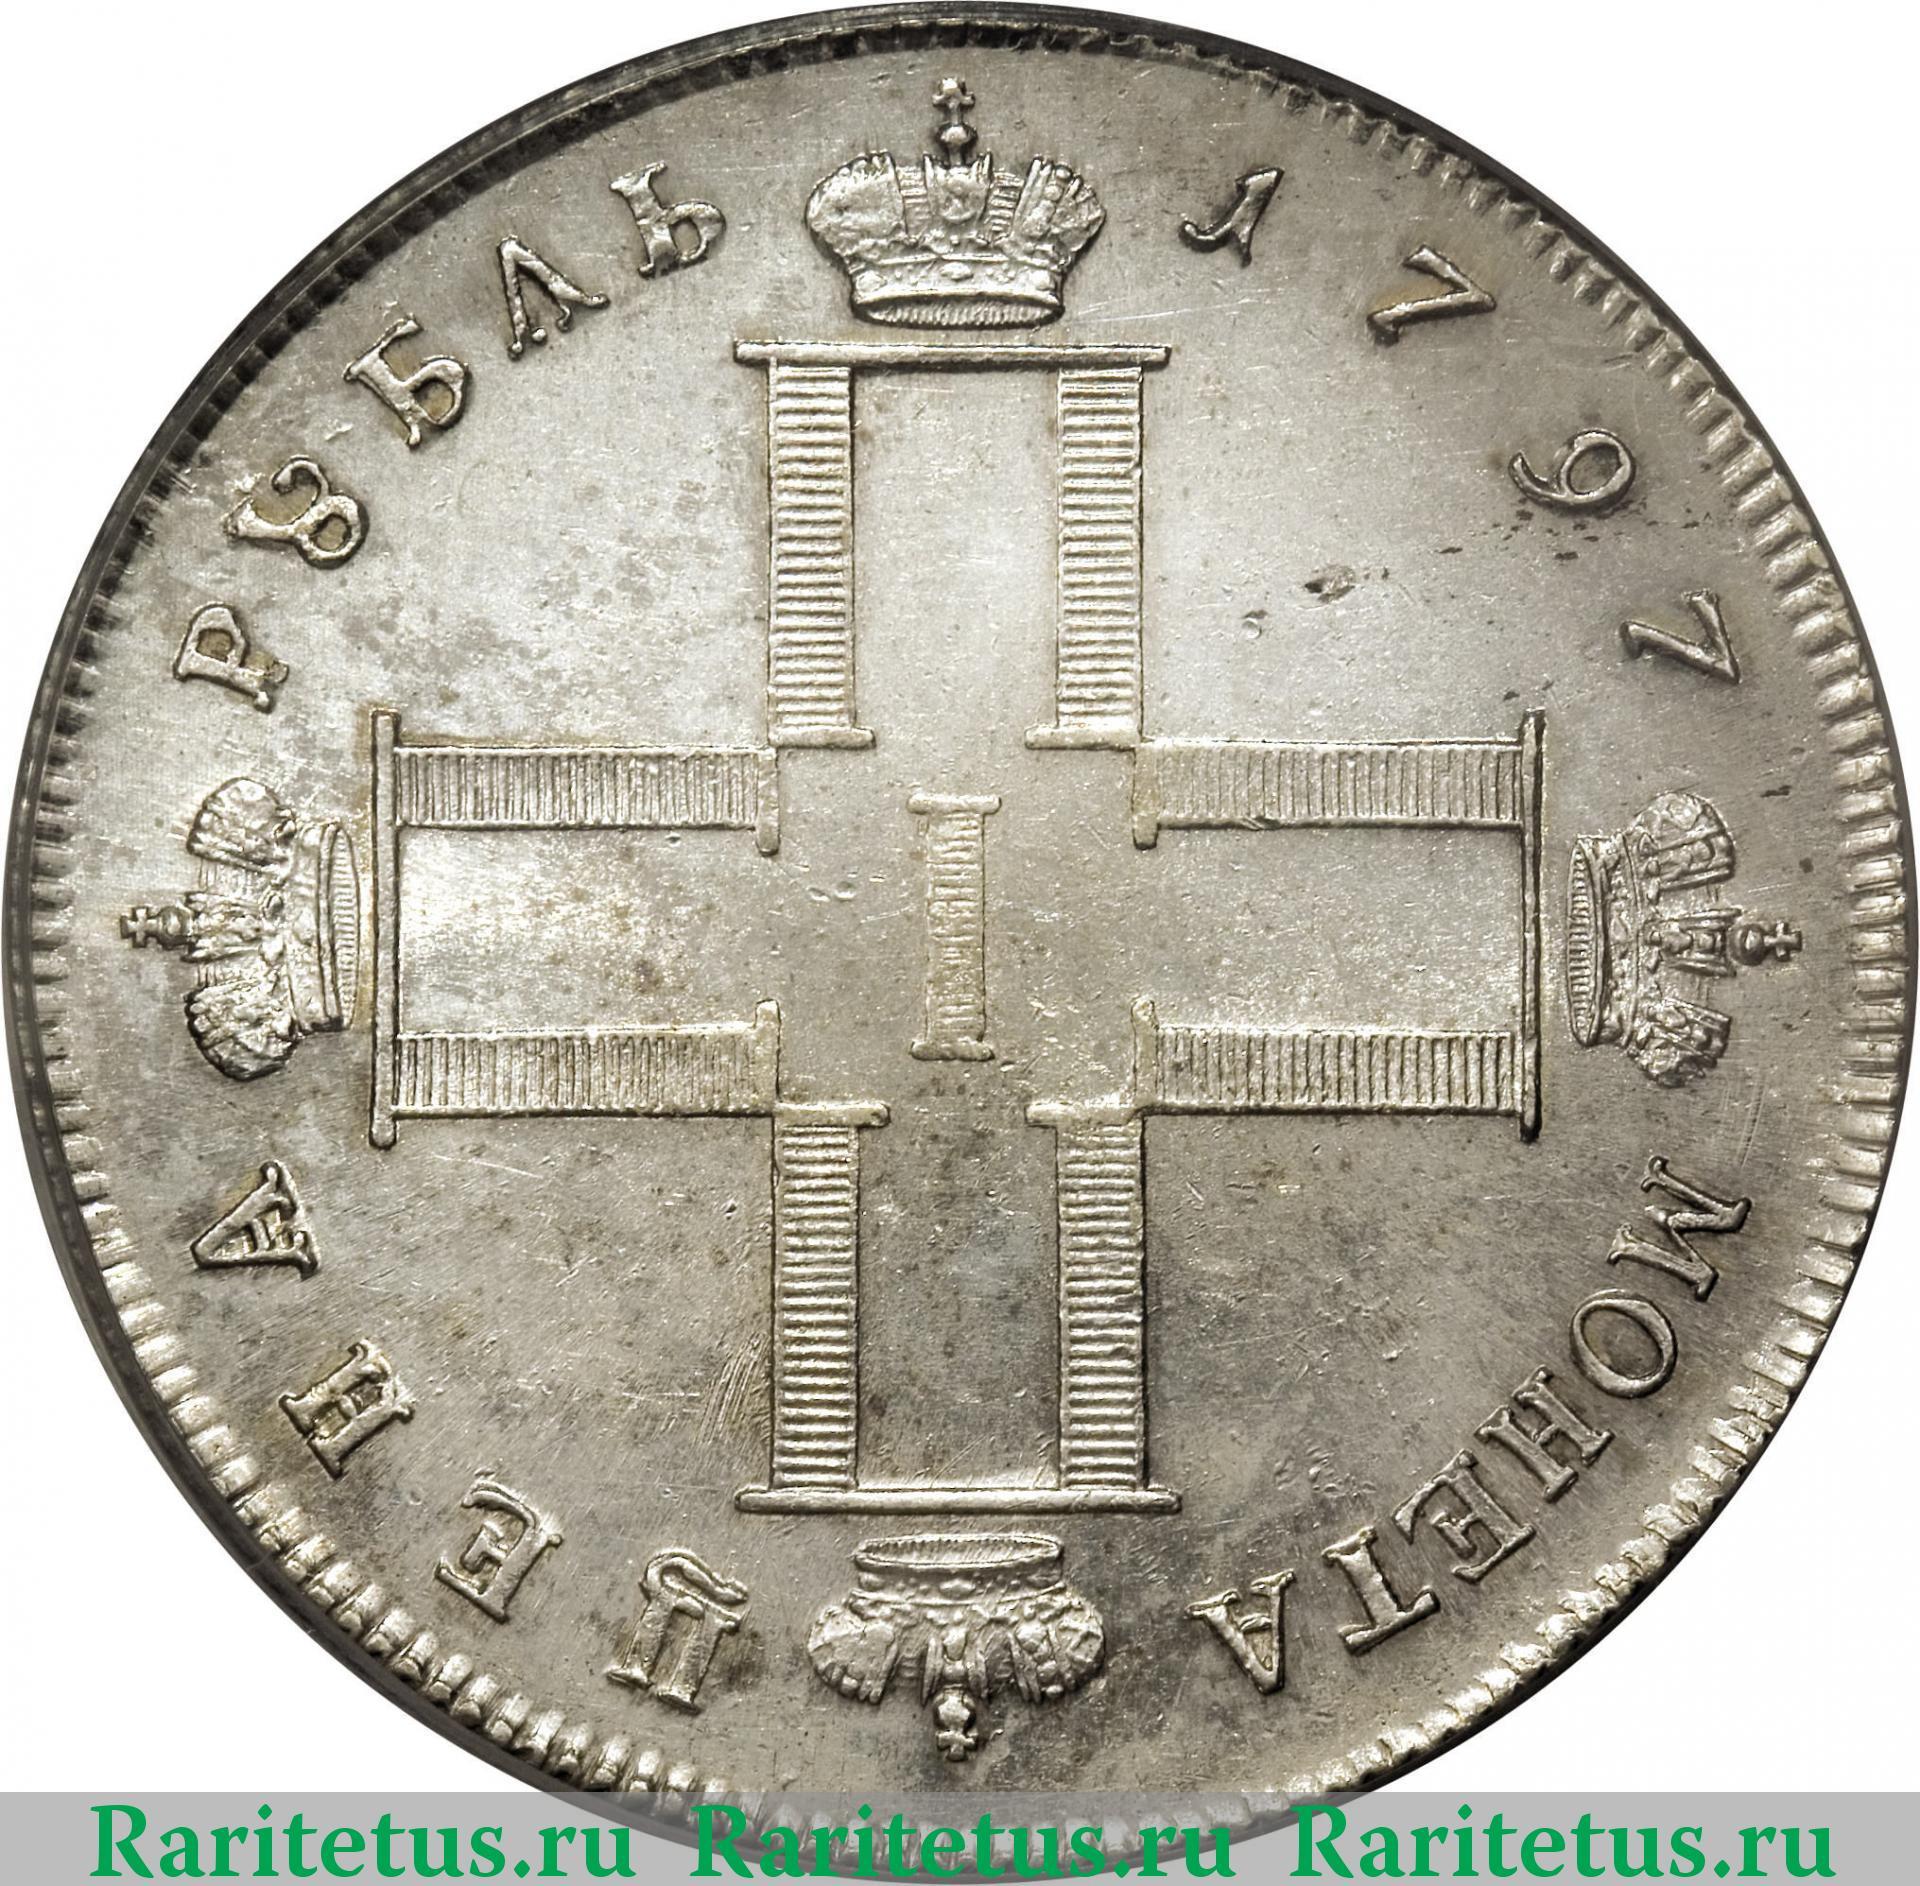 Царские монеты стоимость каталог 2017 года марка нр българия цена